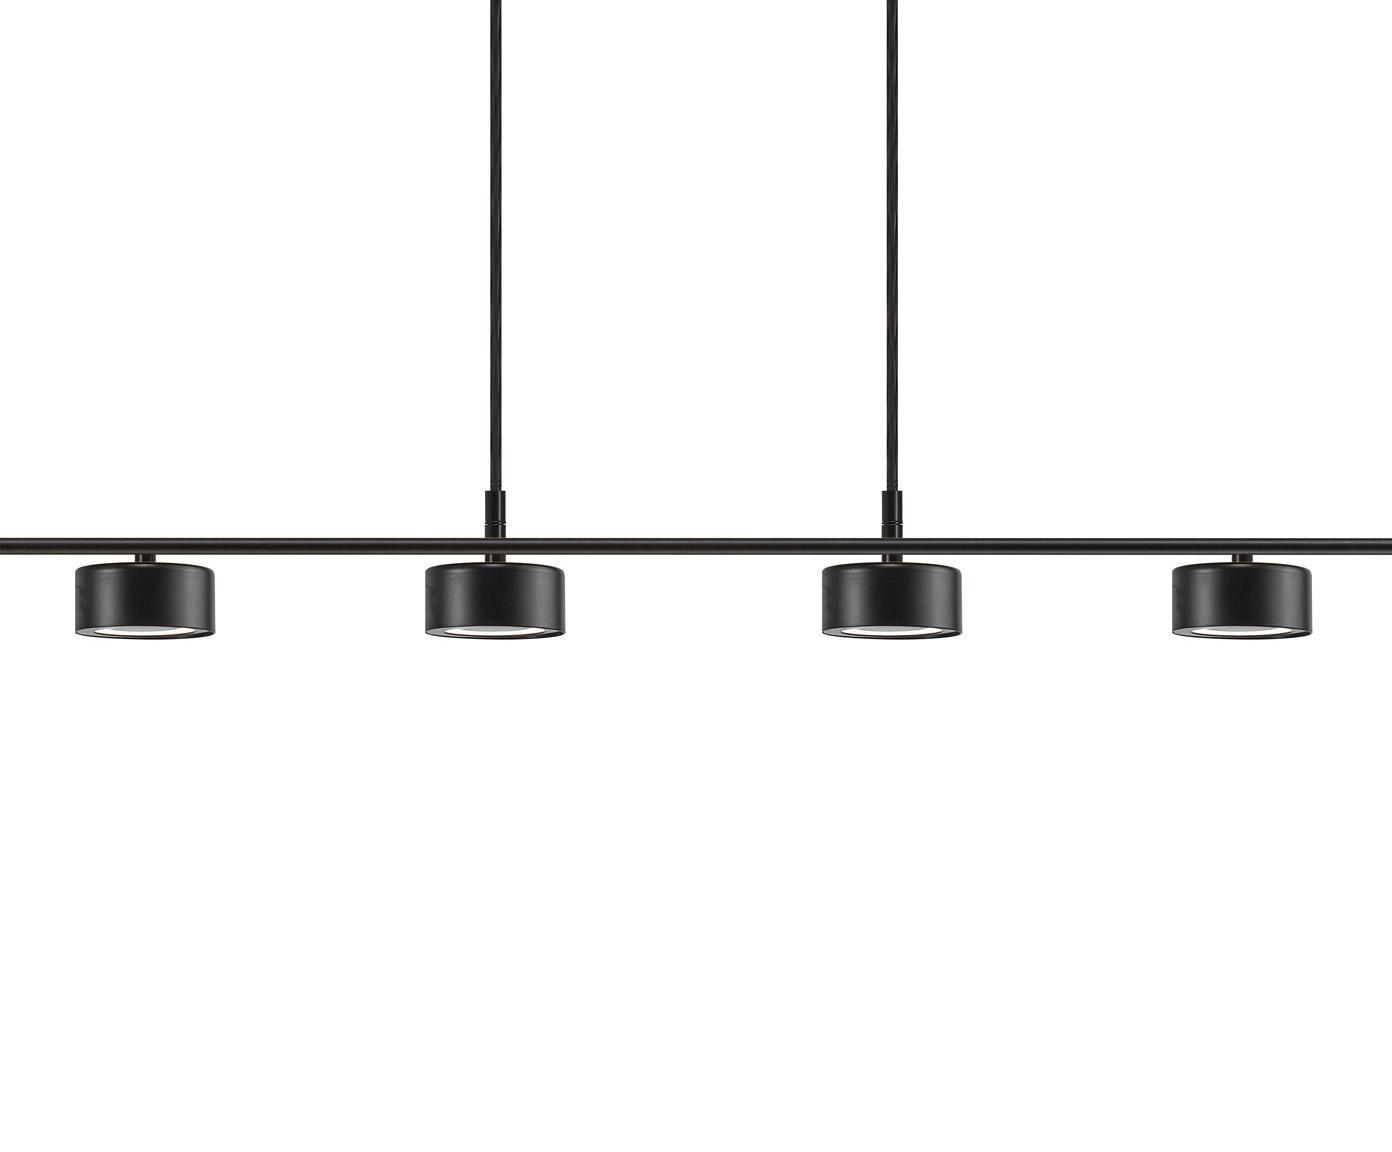 Grosse LED Pendelleuchte Clyde, Lampenschirm: Metall, beschichtet, Baldachin: Metall, beschichtet, Schwarz, 115 x 210 cm